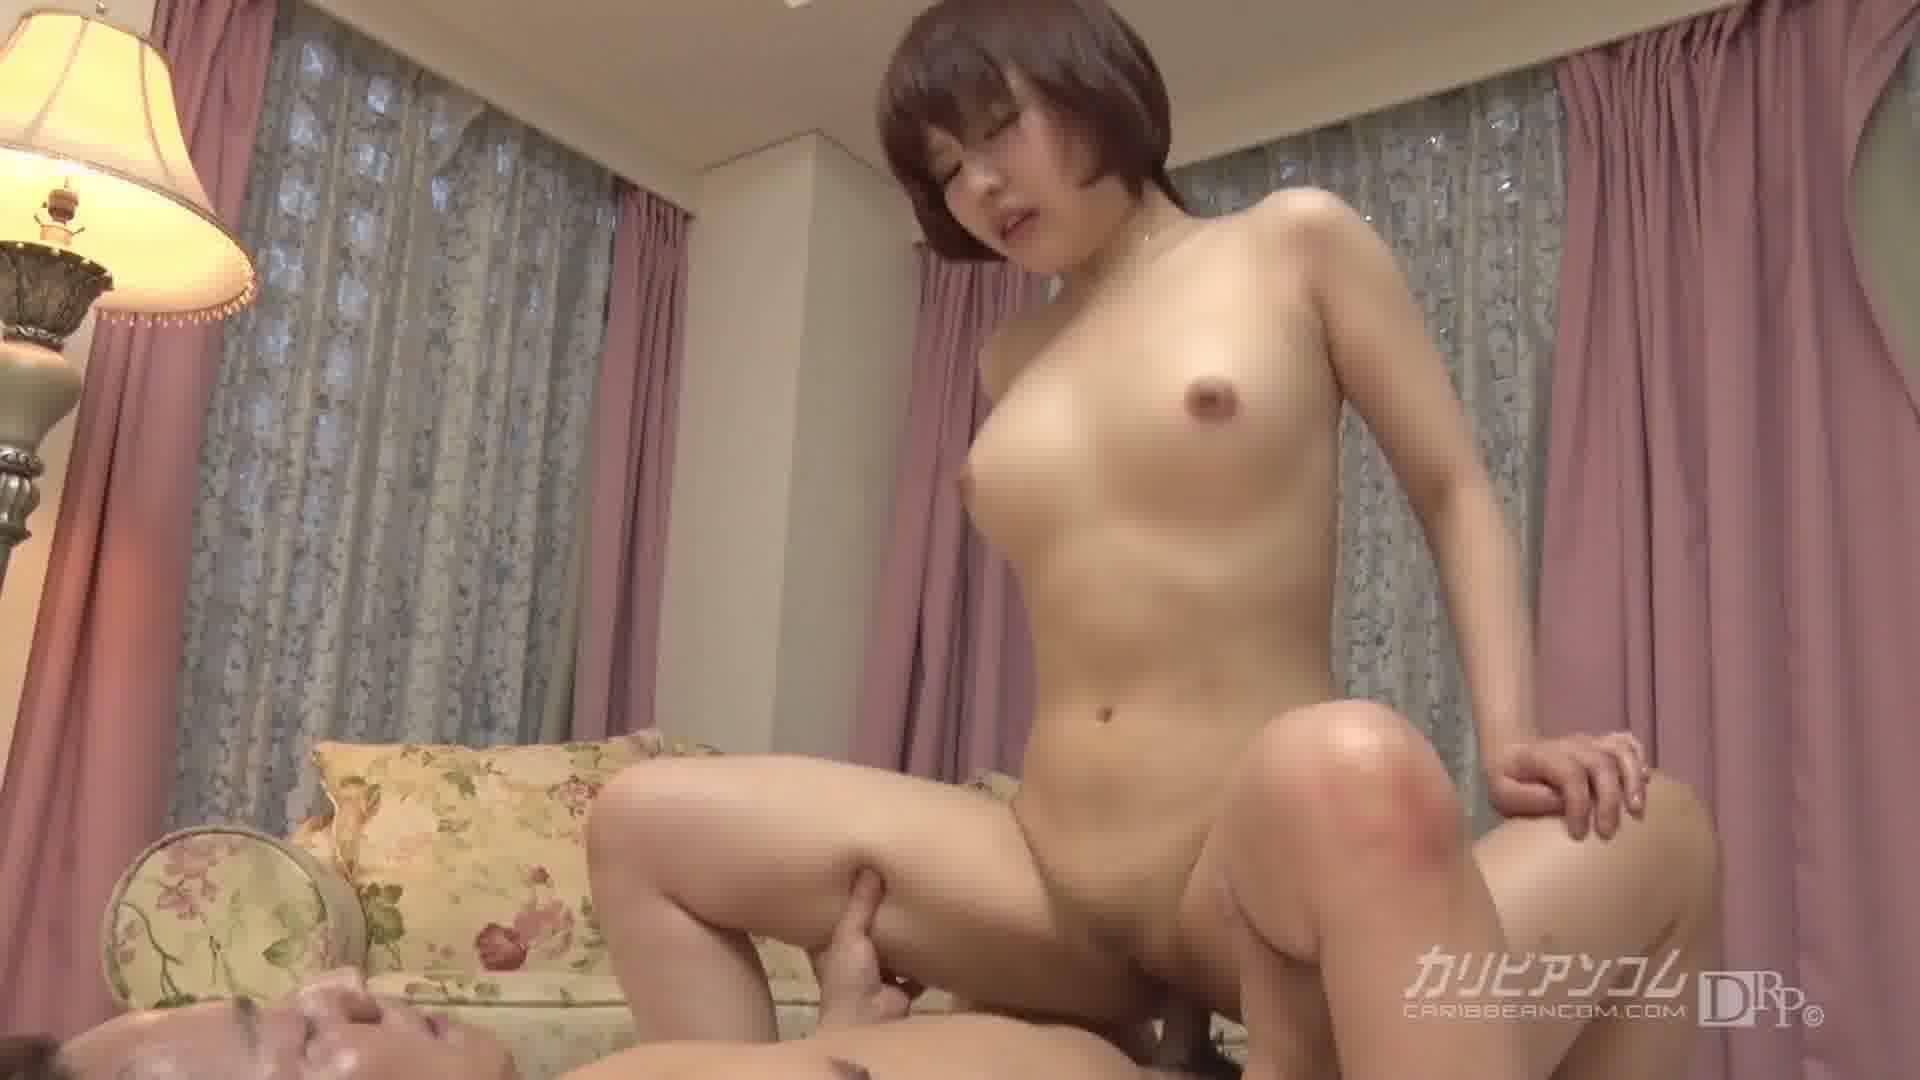 鬼イキトランス 20 - 双葉みお【乱交・クンニ・ハード系】